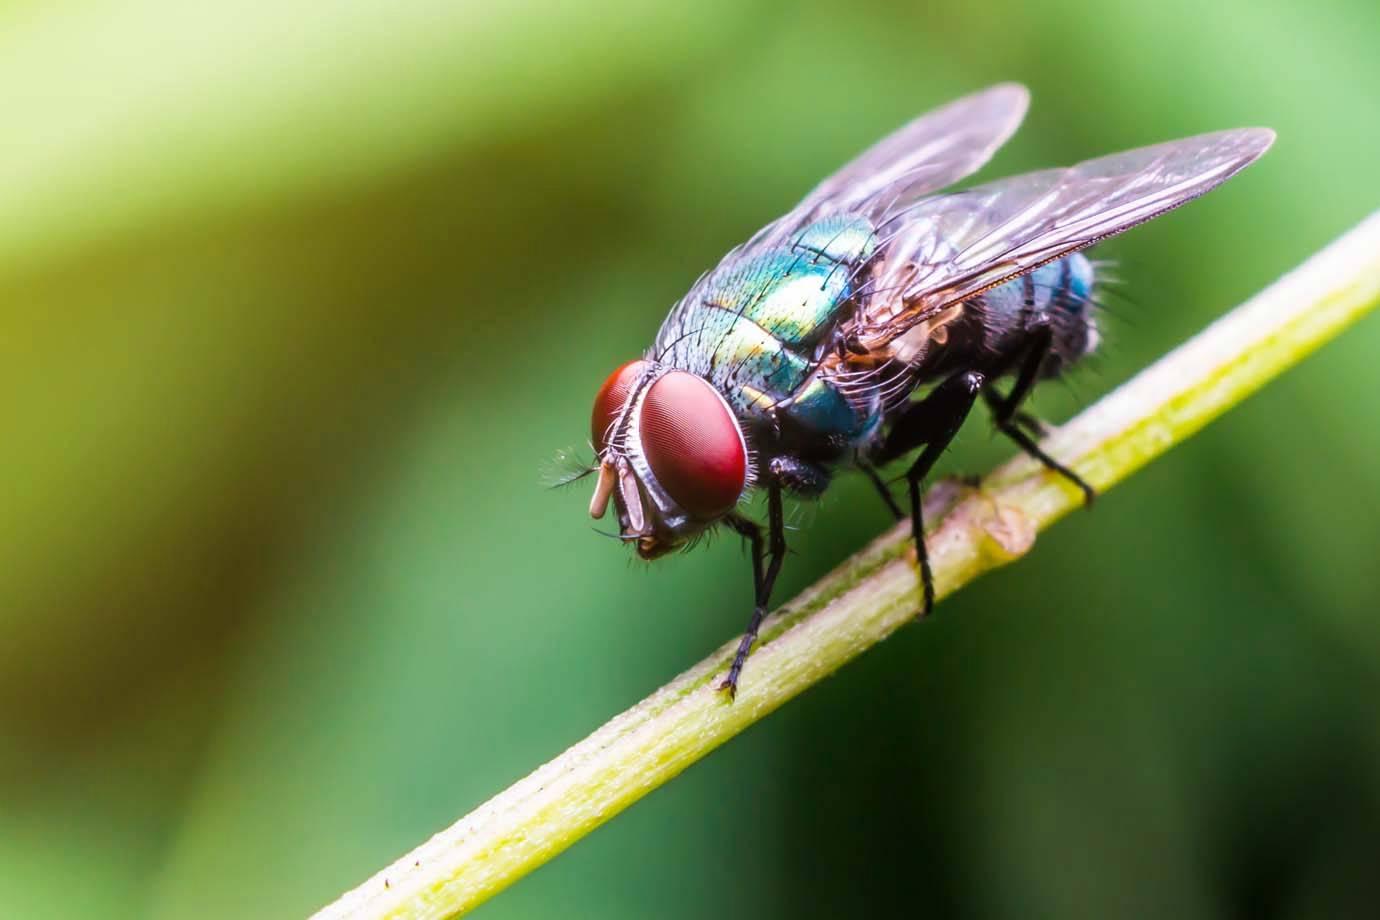 Como espantar moscas - 9 métodos caseiros para se livrar desses insetos